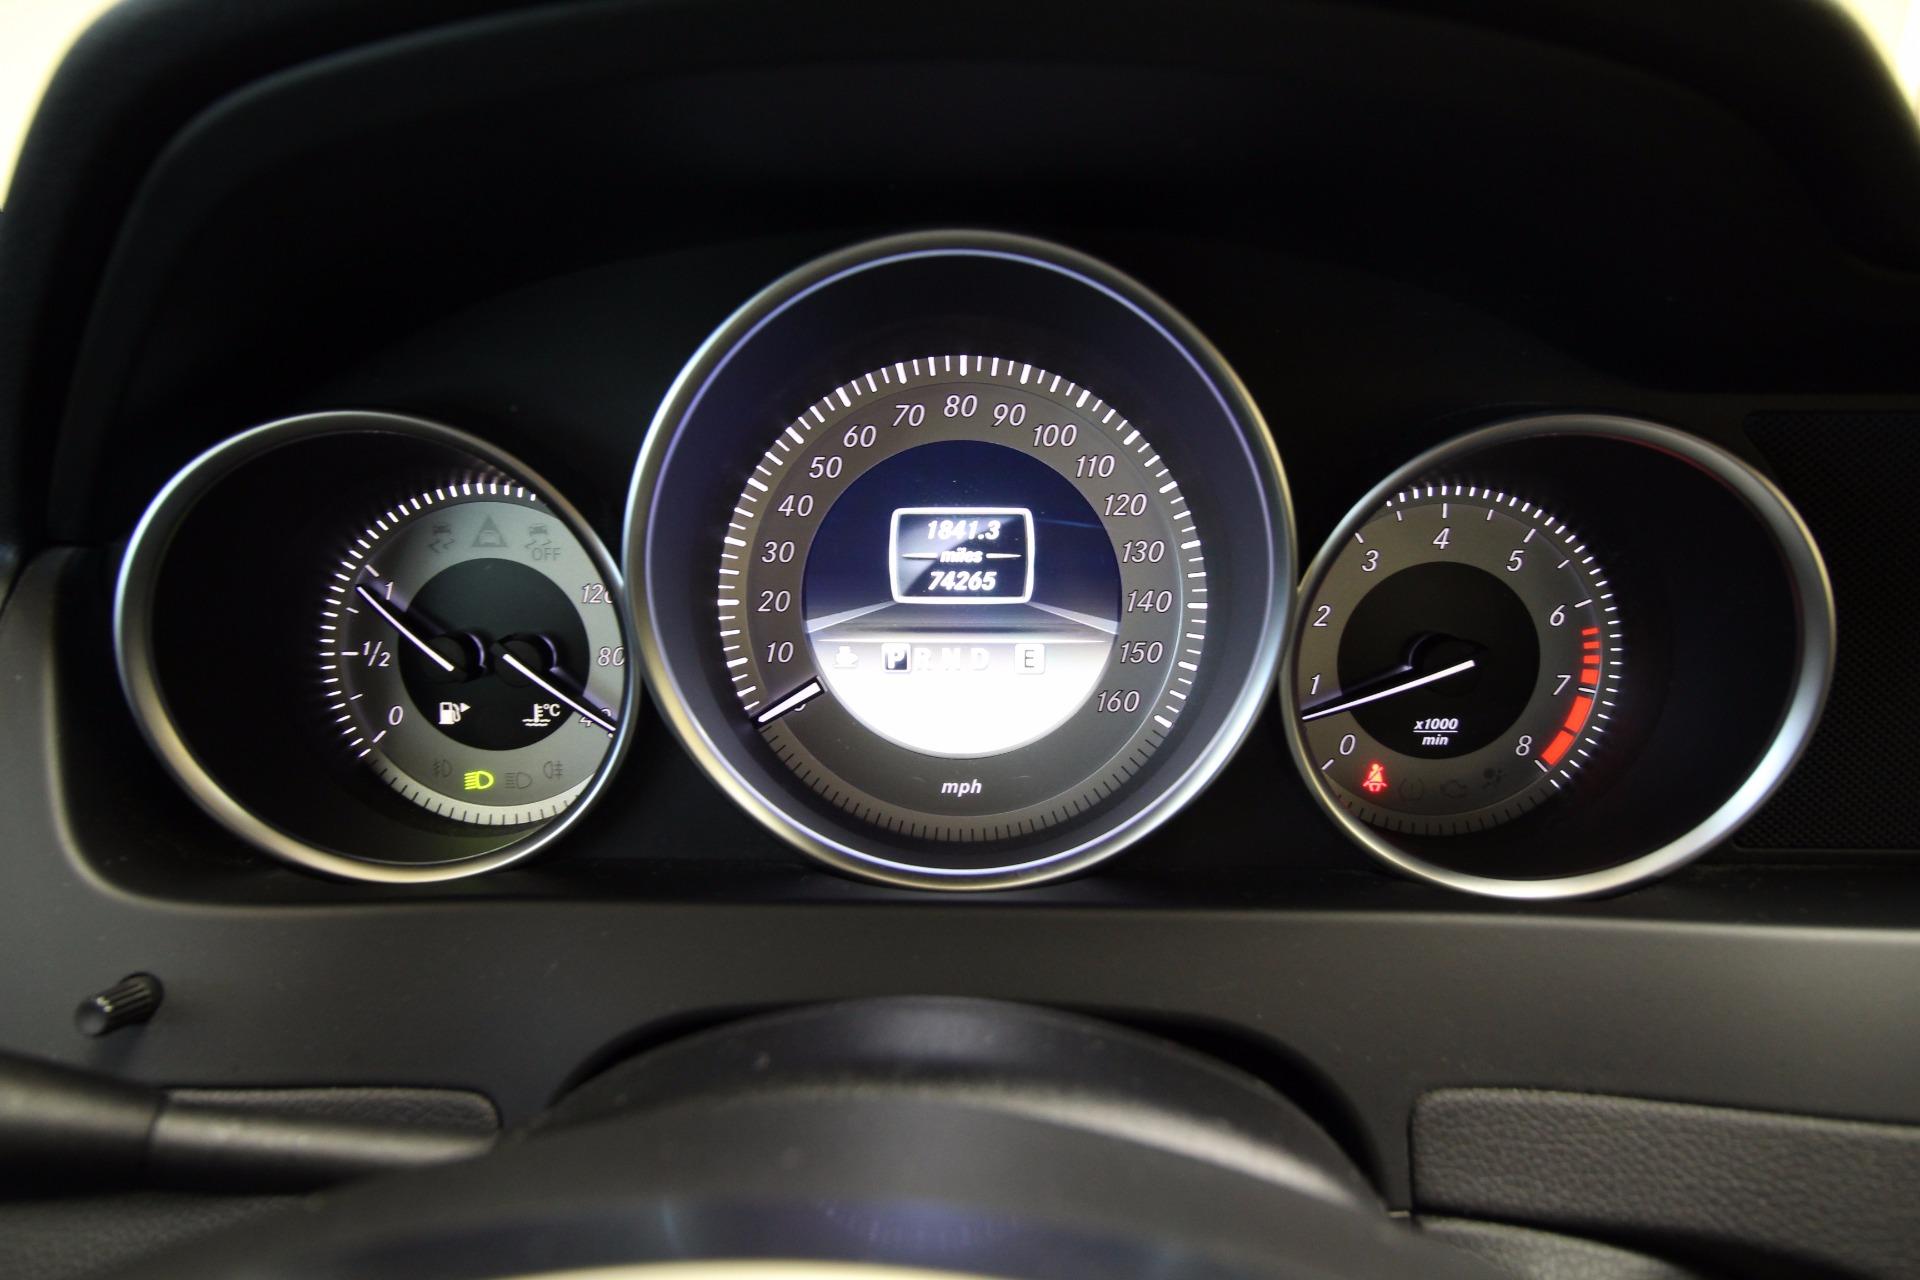 car revealed review benz photo c e driver s coupe and test reviews mercedes news class original